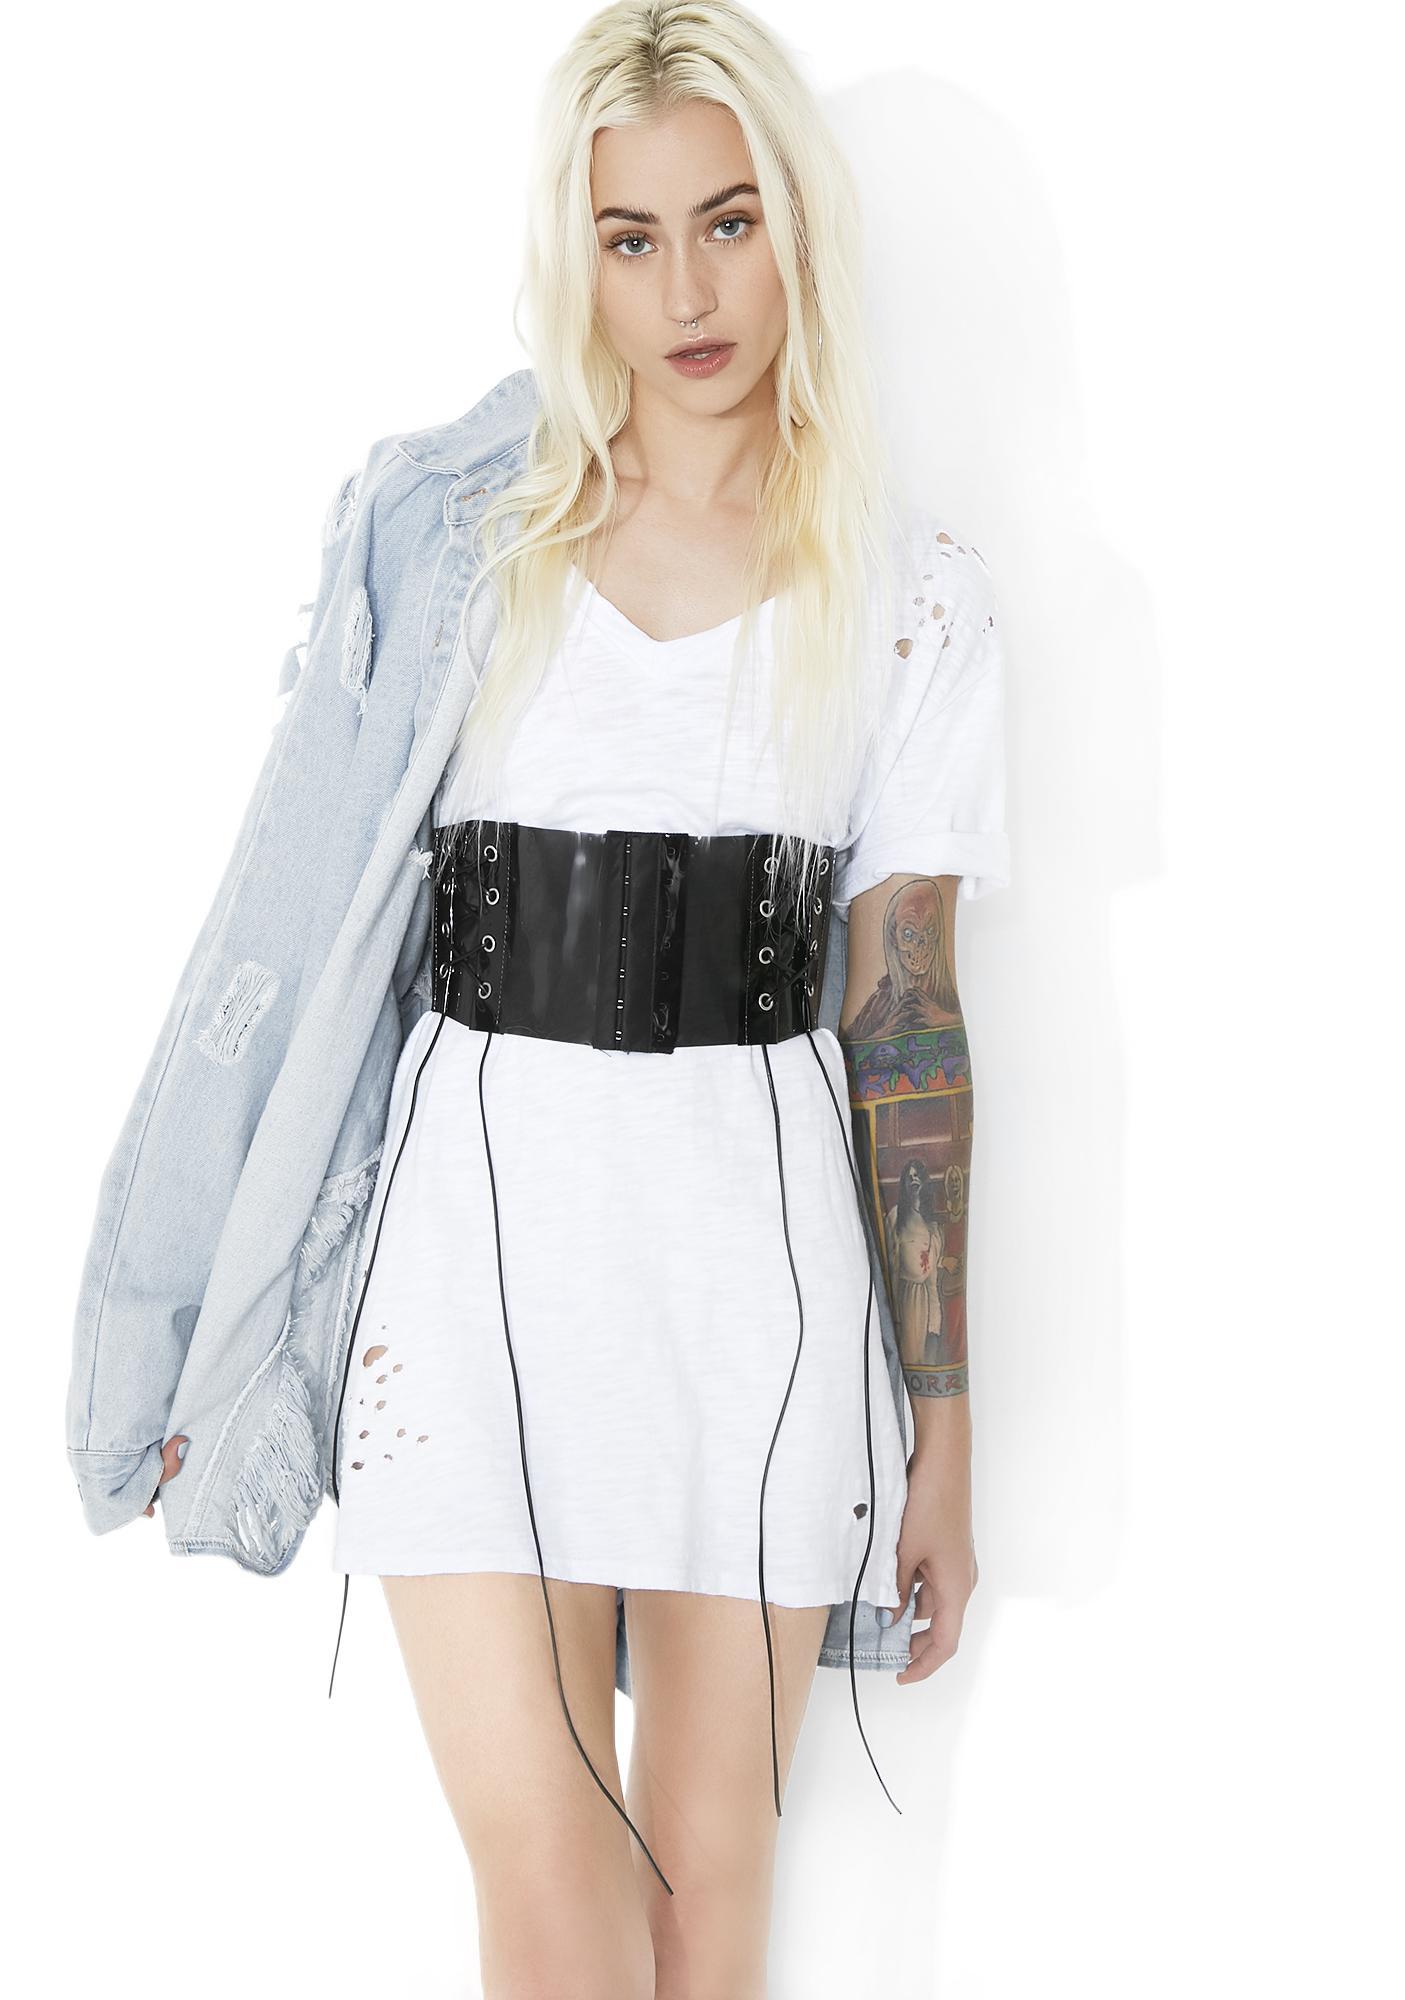 Dark Cyber Femme Corset Belt